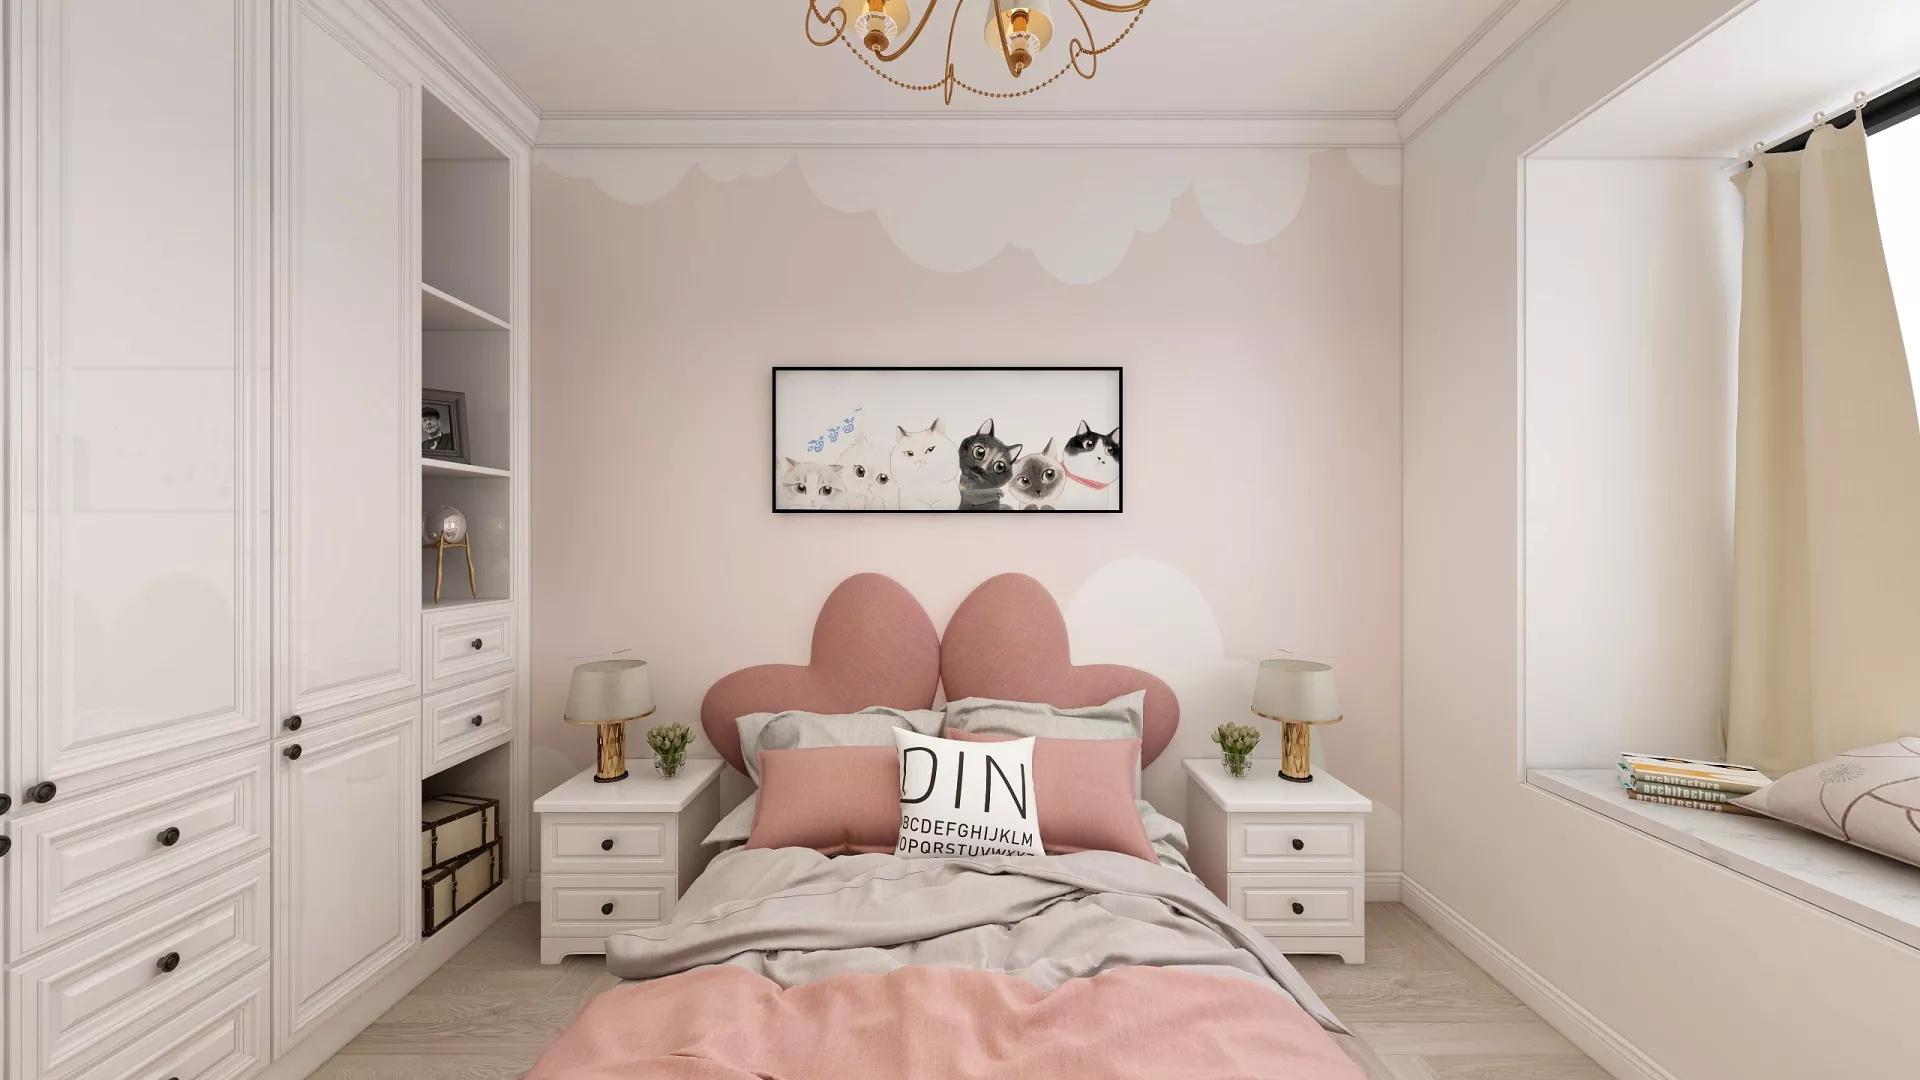 舒适温馨儿童房装修